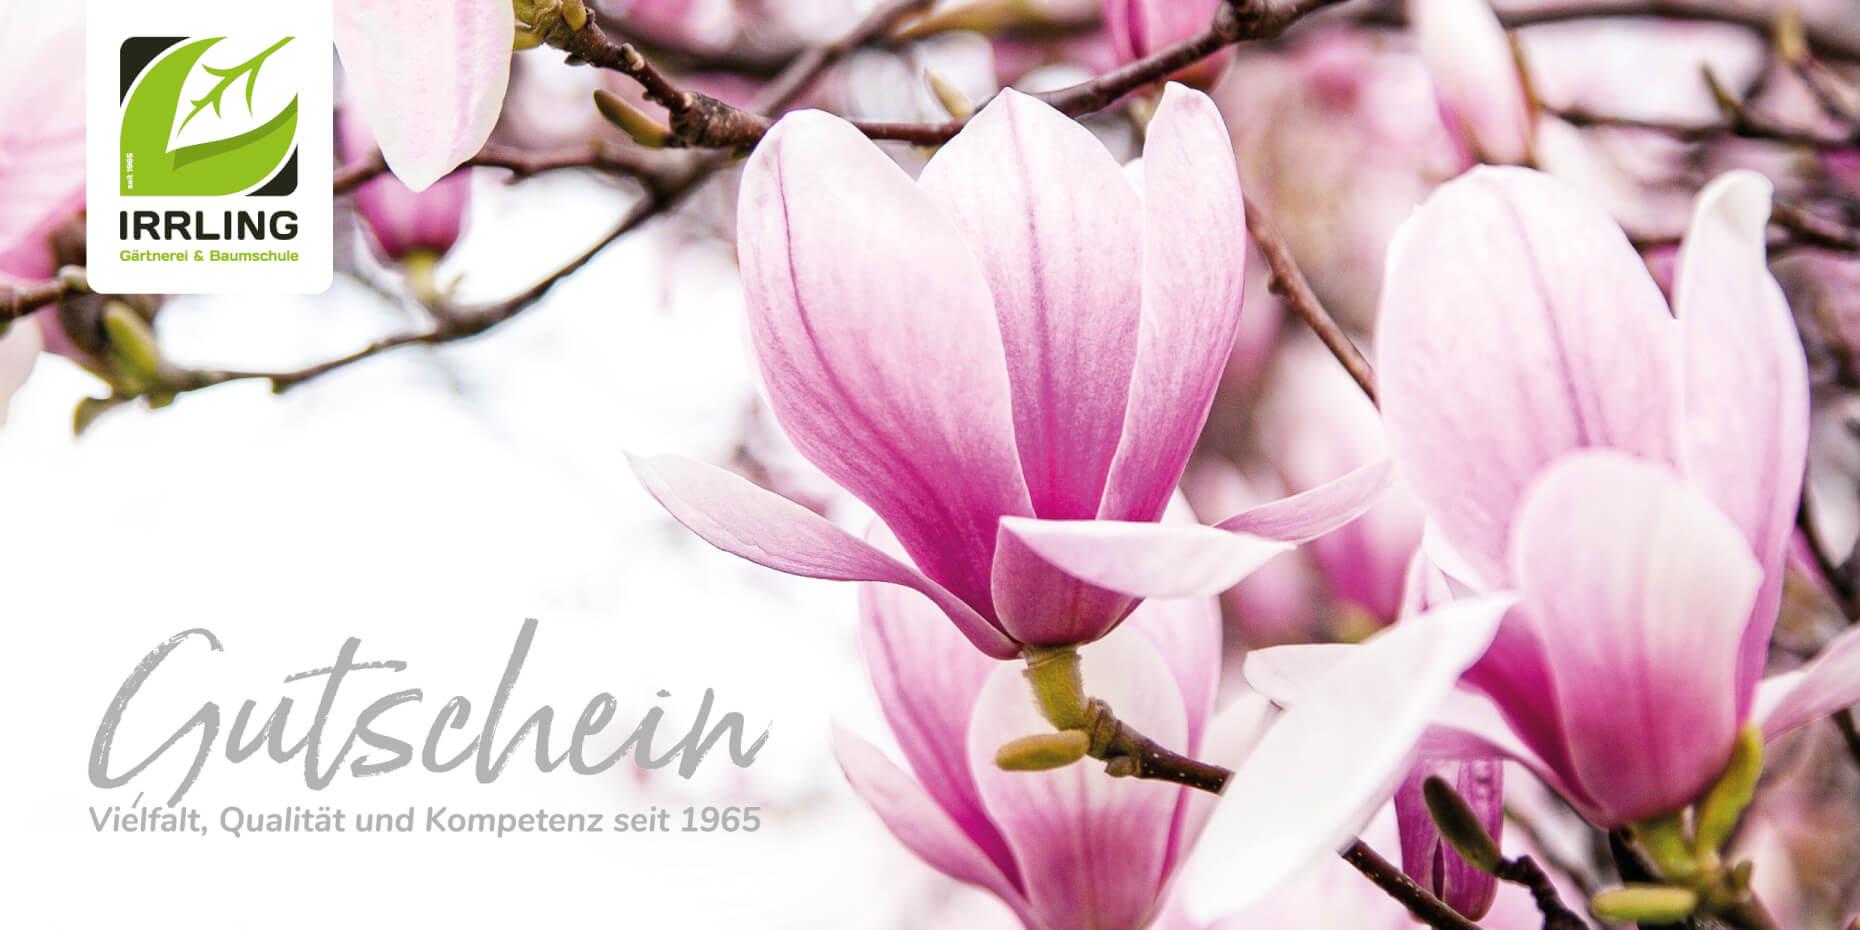 Gutschein Layout Frühling